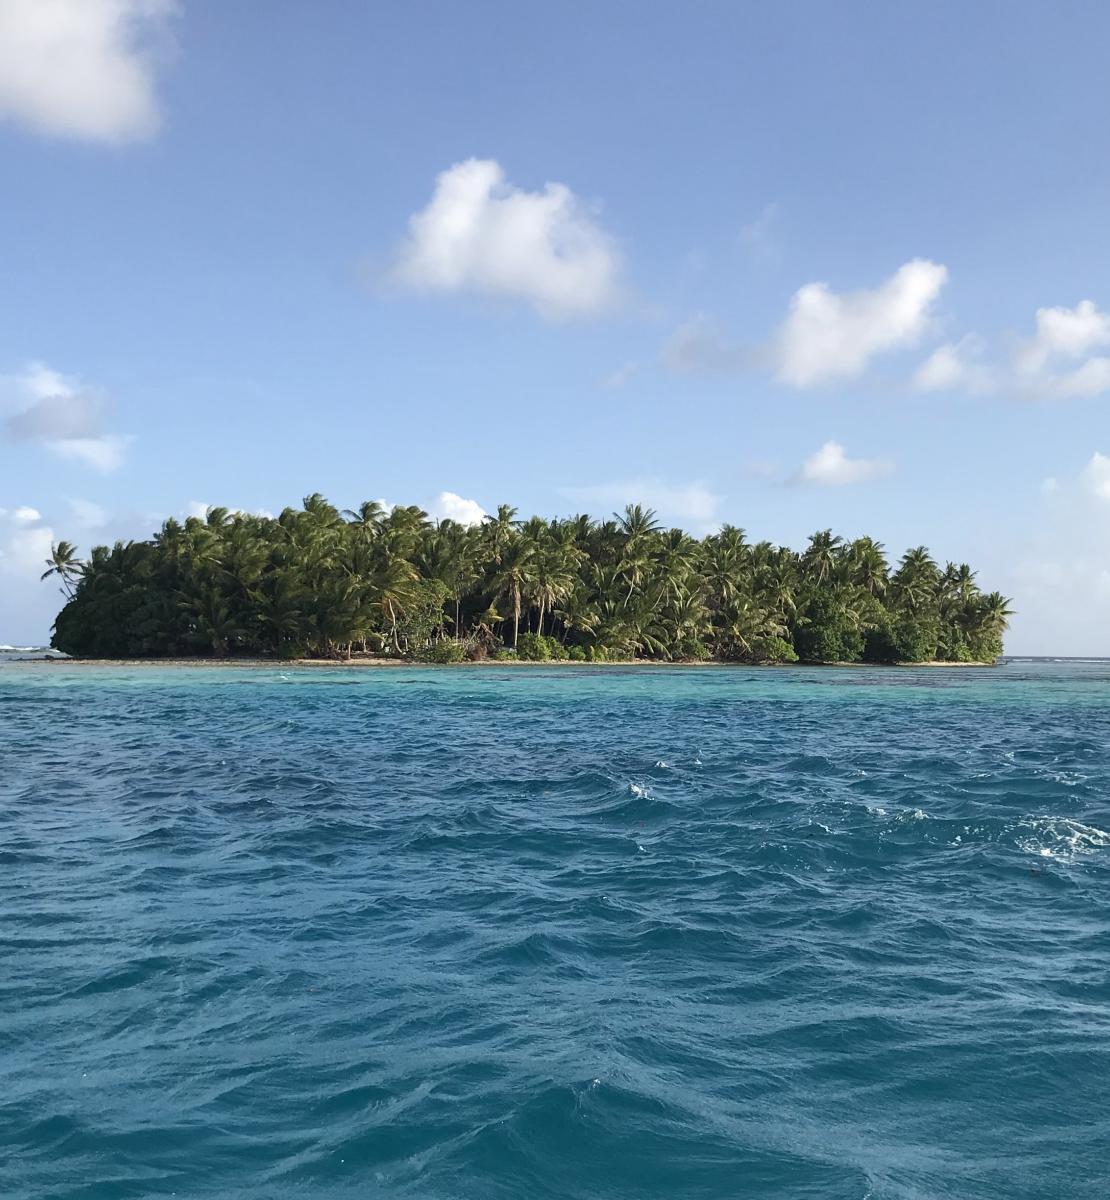 Una vista panorámica de la silueta de una isla llena, repleta de frondosos árboles, en el océano, en un día soleado.